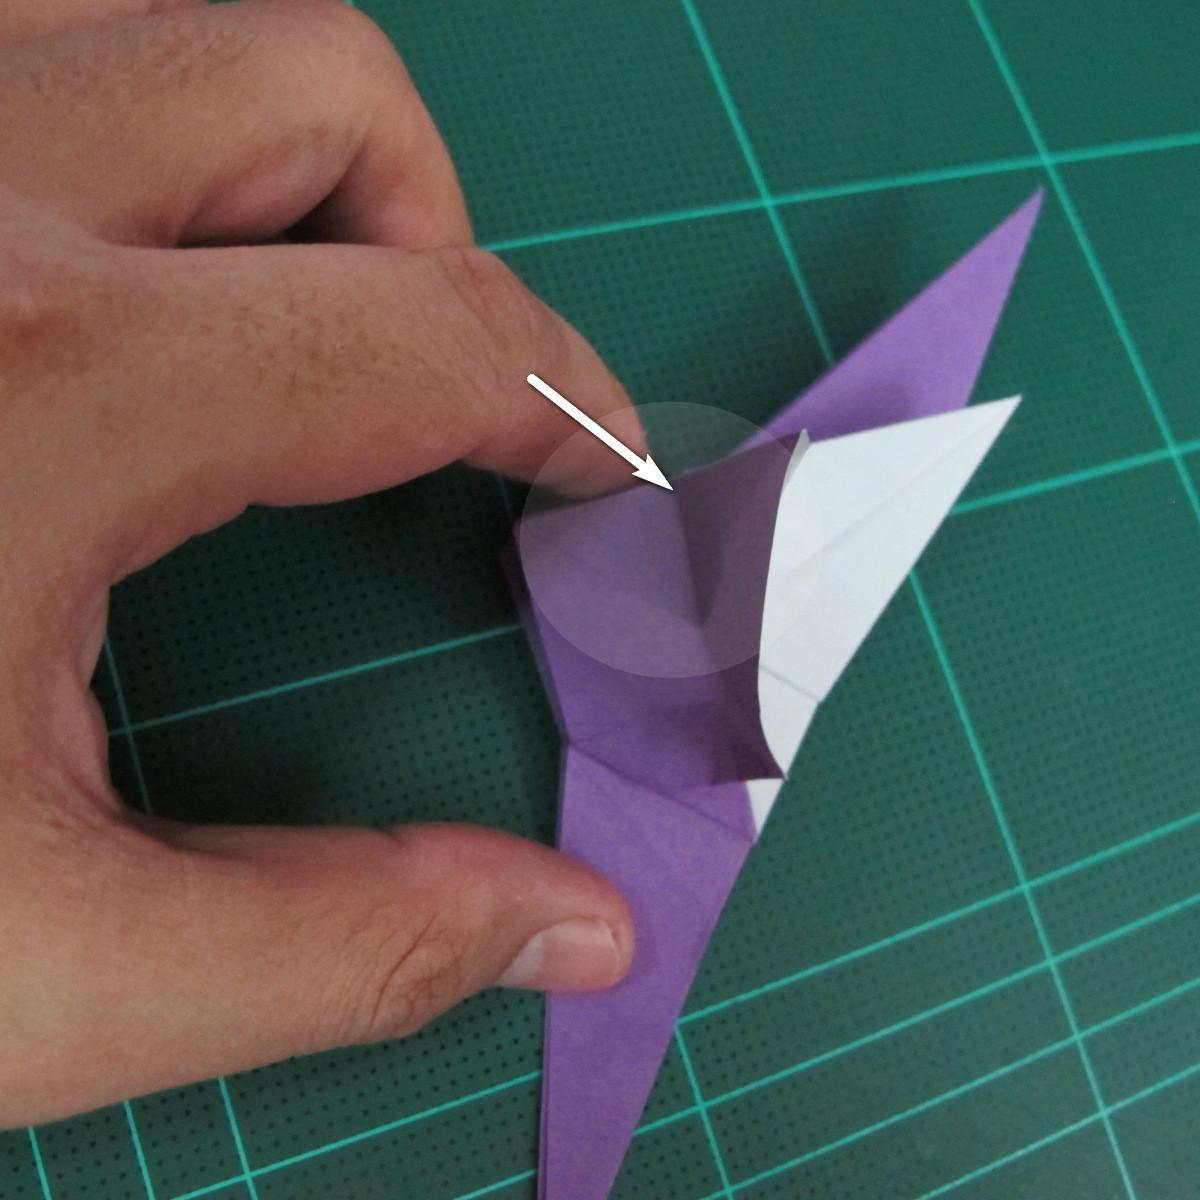 วิธีพับกระดาษเป็นรูปนกอินทรี (Origami Eagle) 017